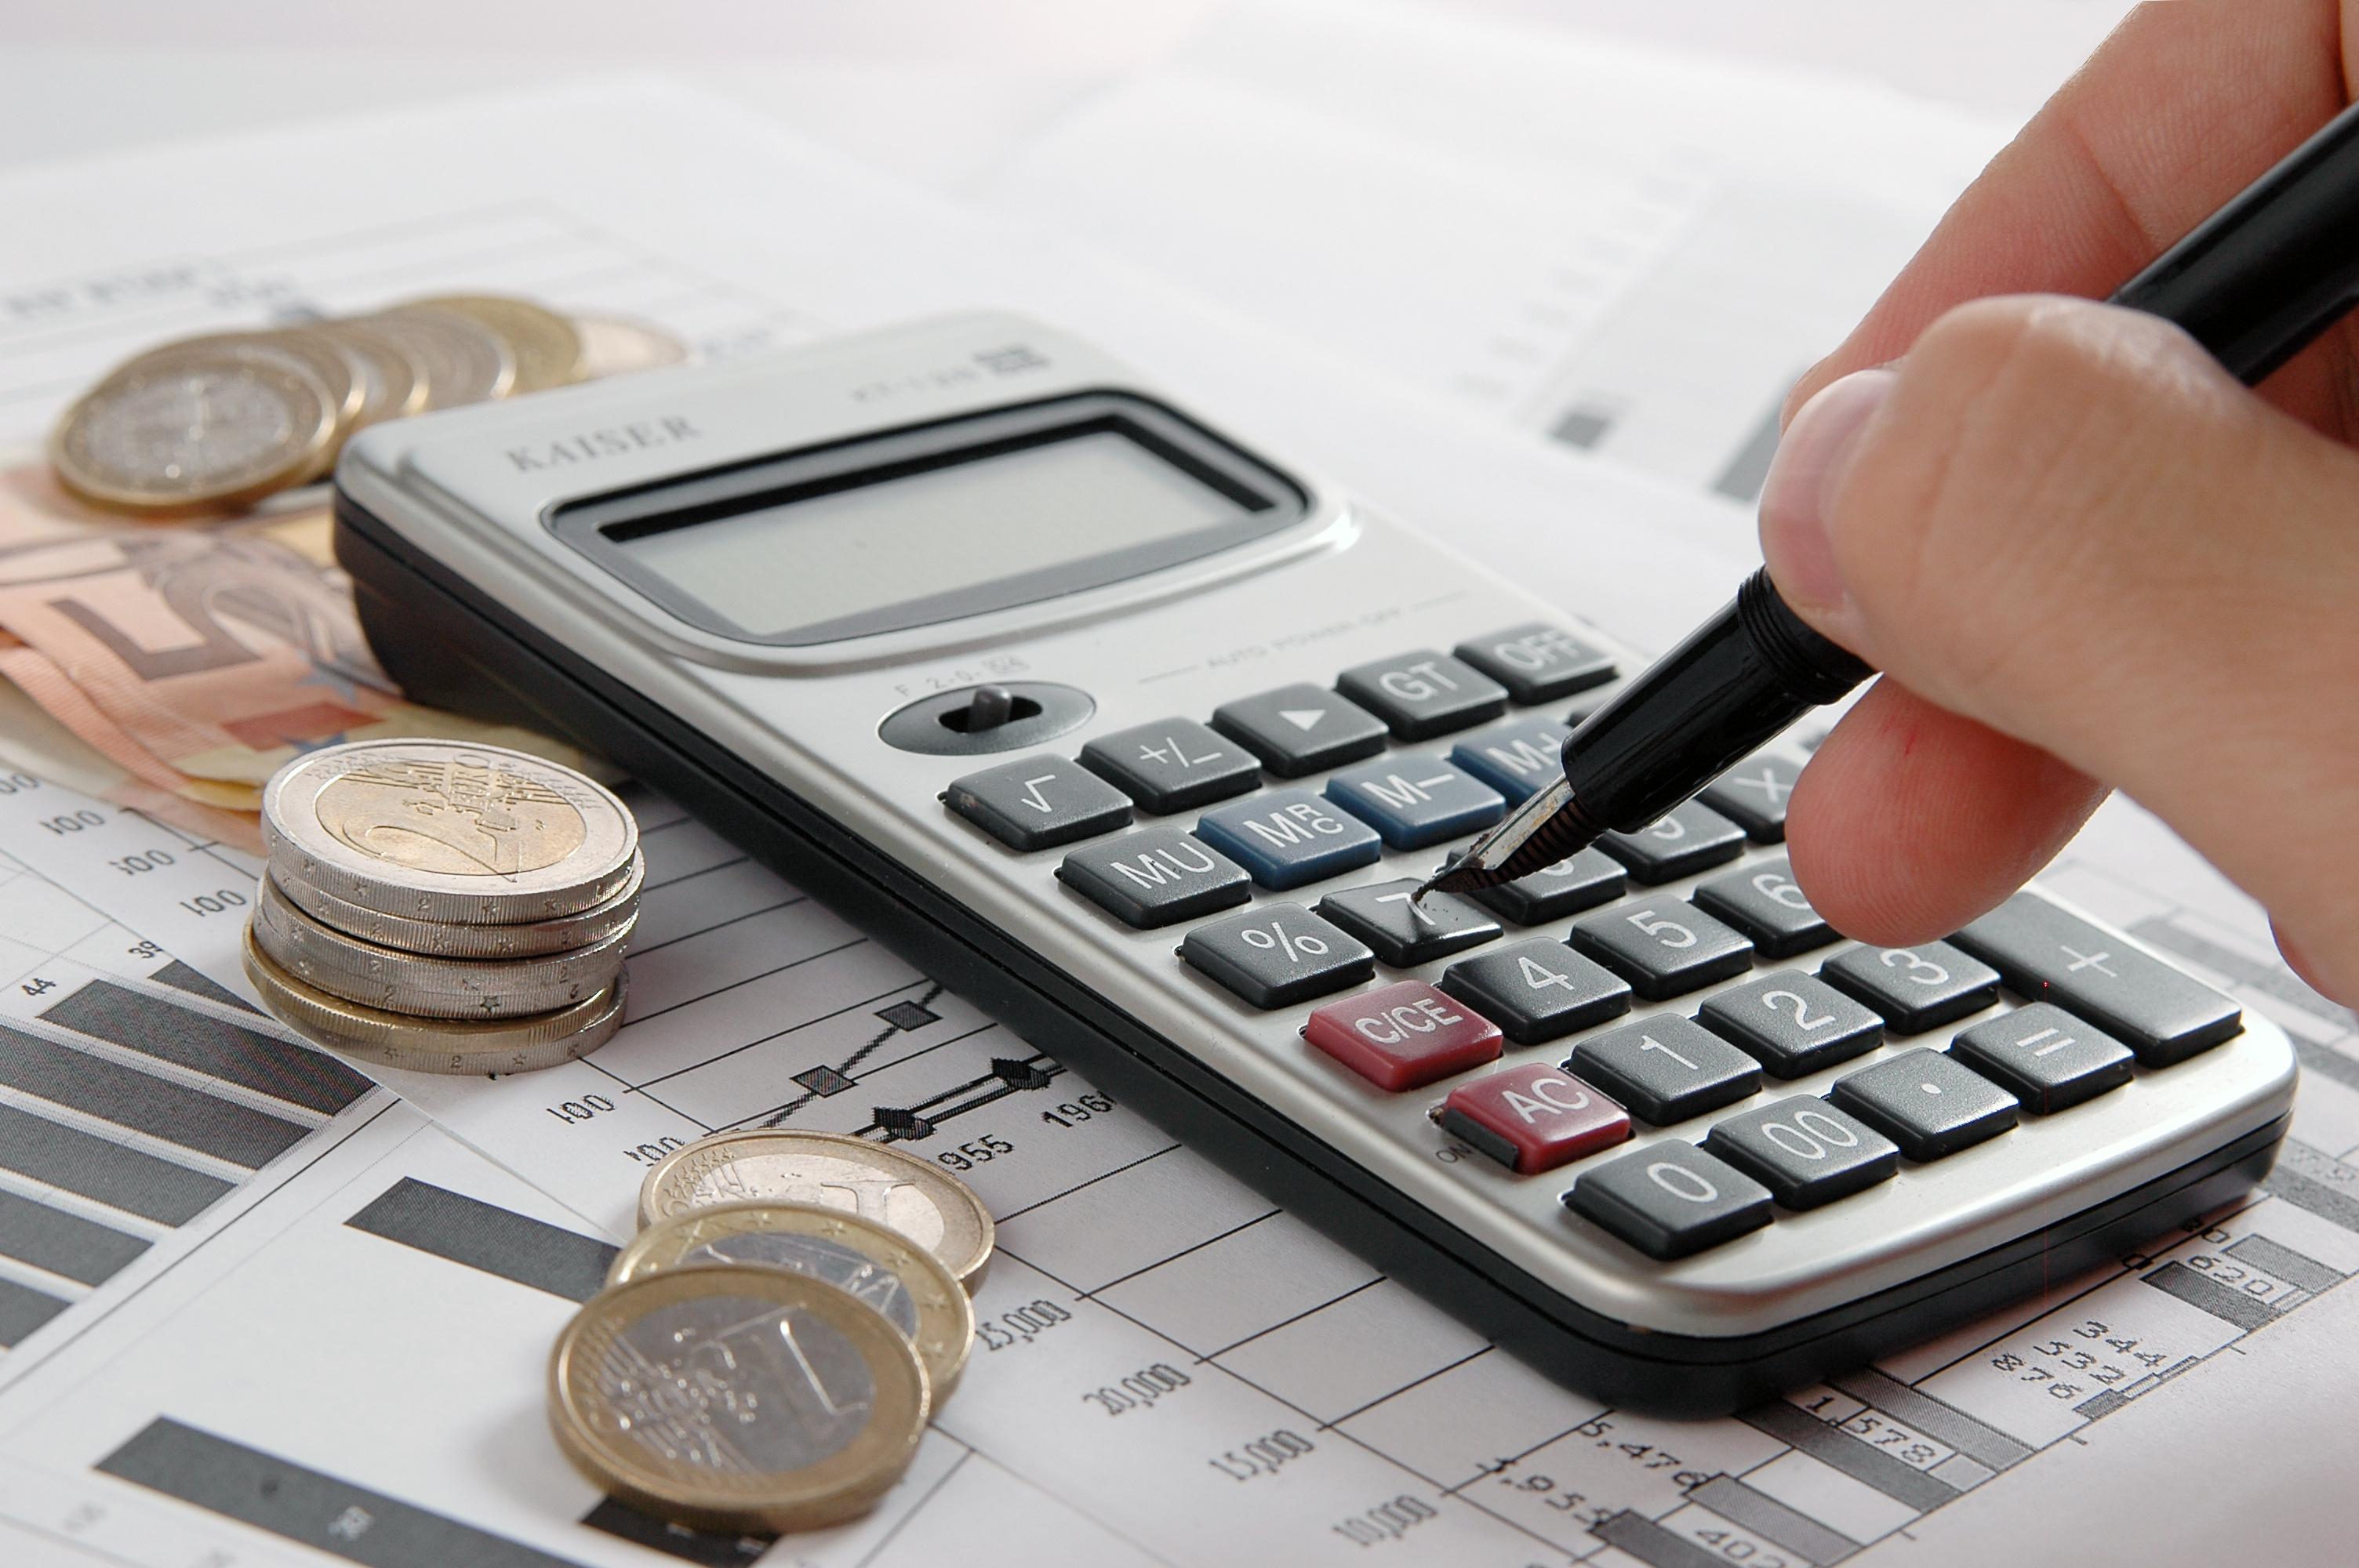 Latvijas iedzīvotāju biežākais budžeta plānošanas veids: izdzīvot ar atlikušo naudu pēc rēķinu nomaksas